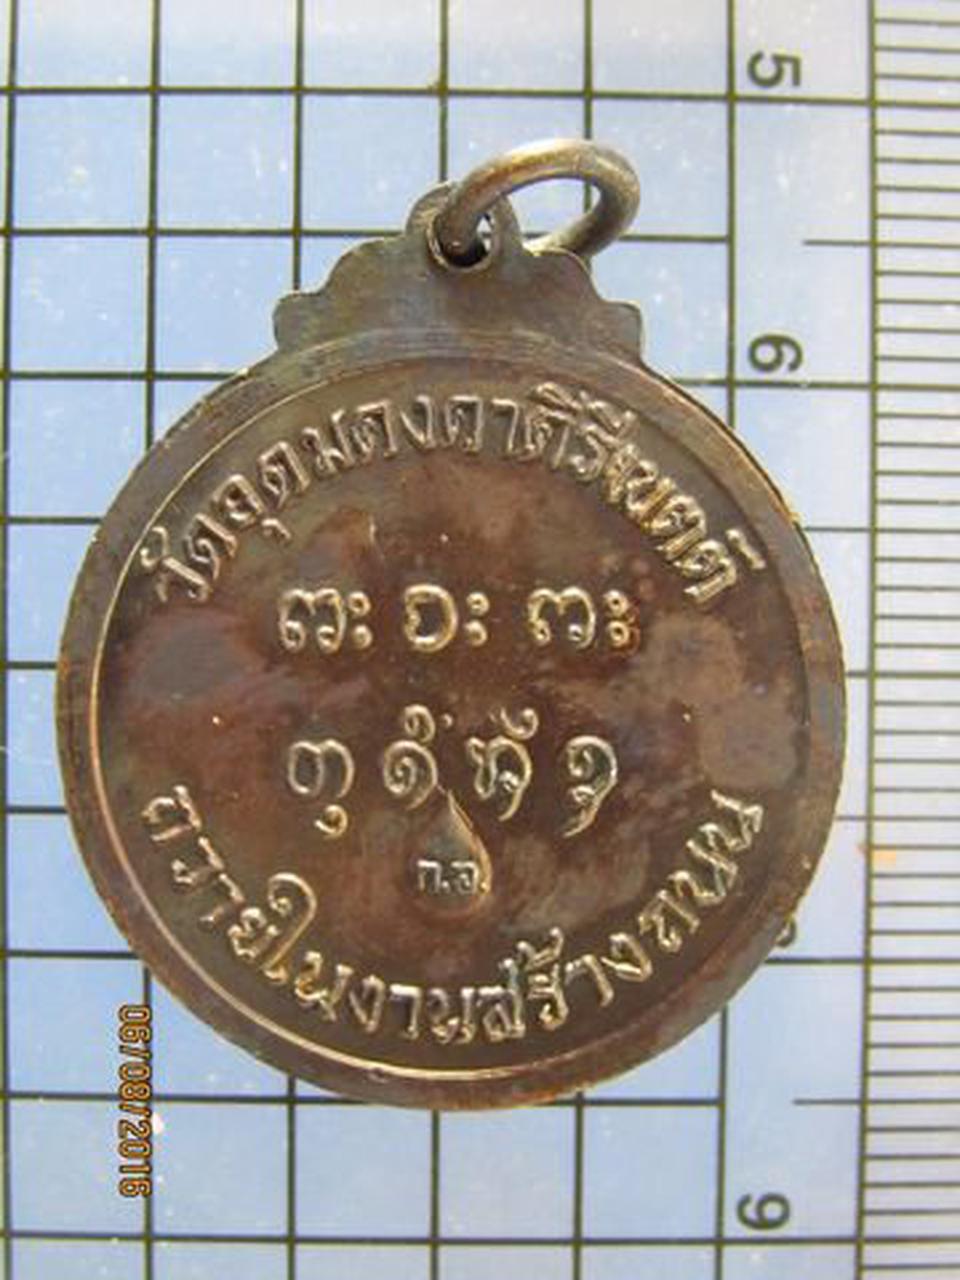 3716 เหรียญหลวงพ่อผาง วัดอุดมคงคาคีรีเขตต์ ปี 2520 จ.ขอนแก่น รูปที่ 1